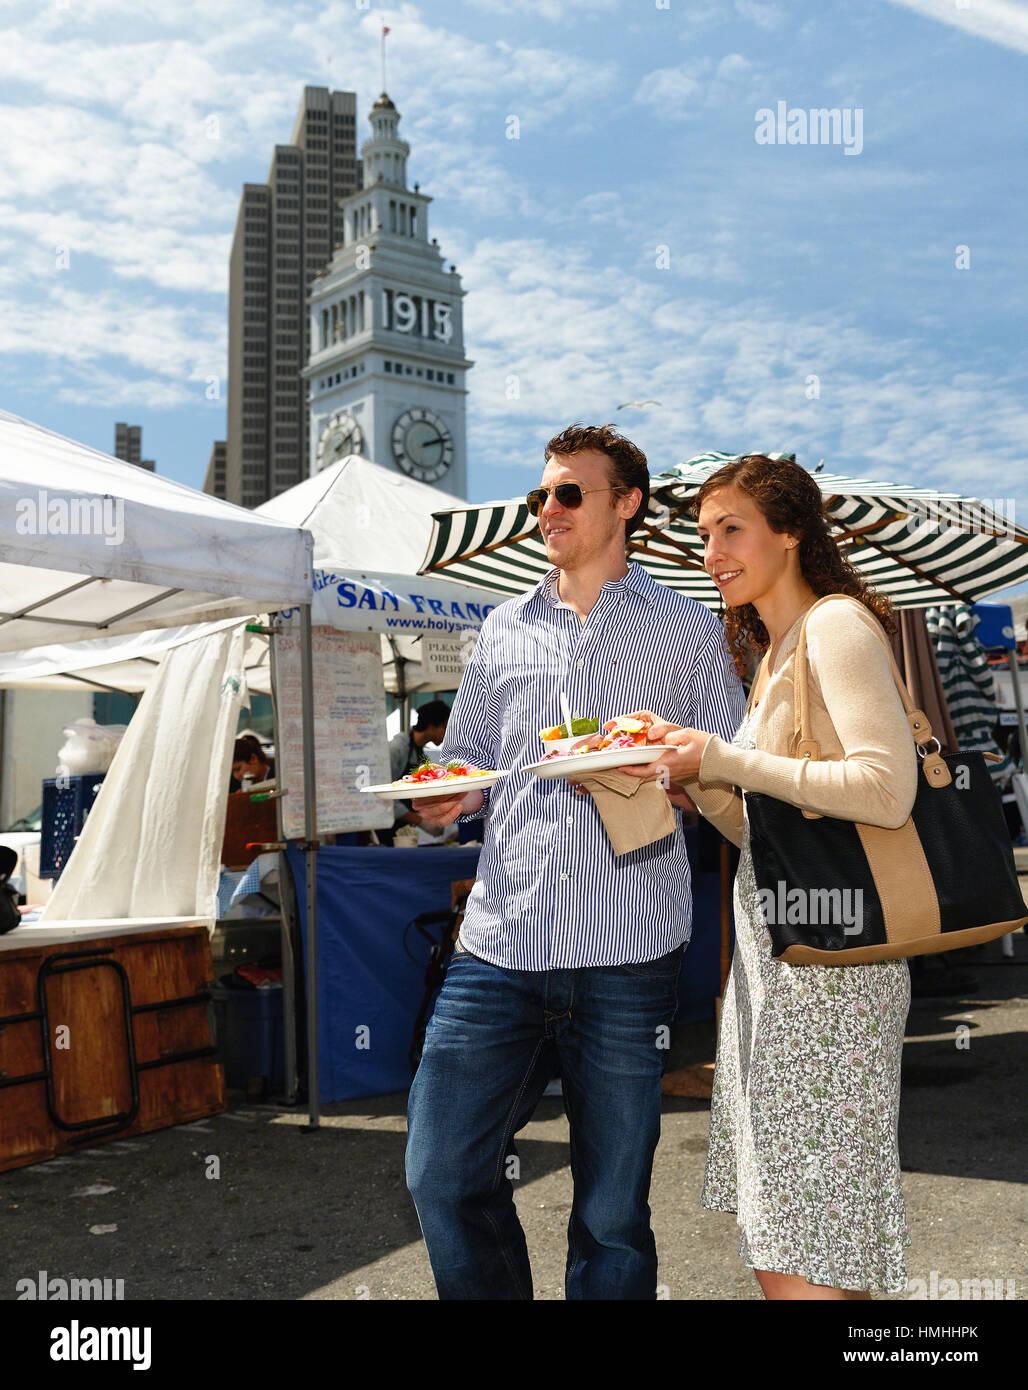 Ángulo de visión baja de una pareja en una feria de la calle con comida paseos, San Francisco, California Imagen De Stock